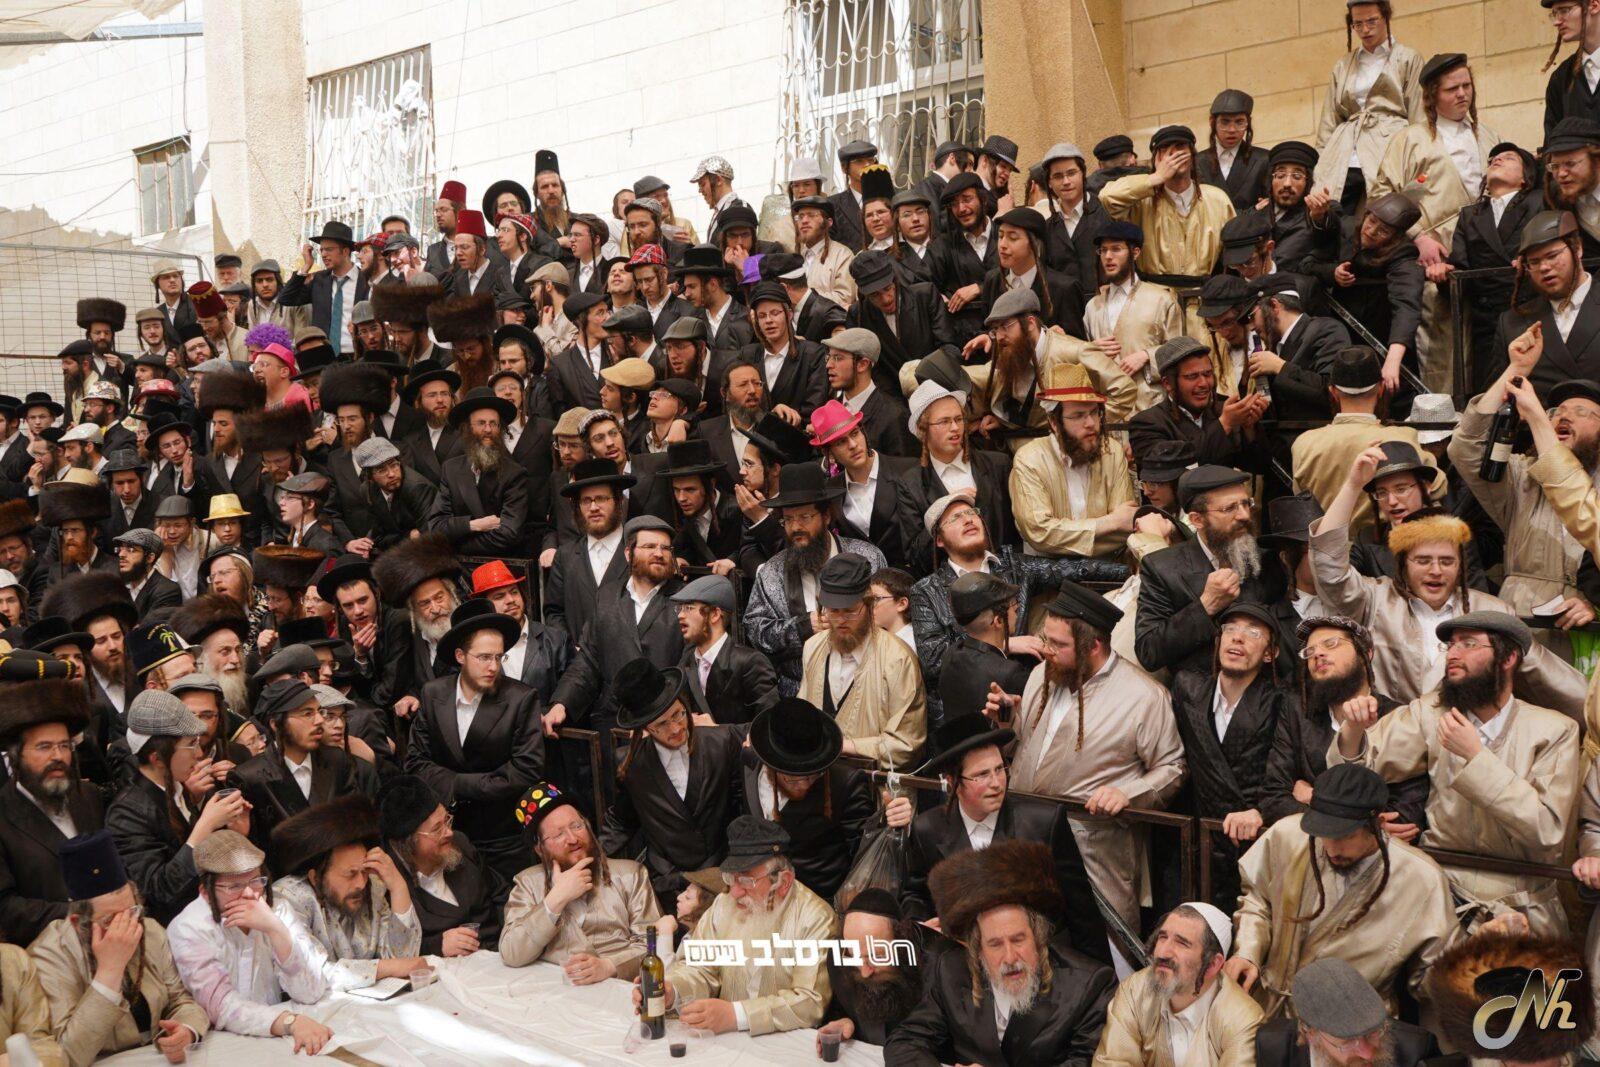 """ירושלים: כלל מצוות הפורים בצל הגה""""צ רבי יעקב מאיר שכטער שליט""""א וקהל עדתו שיחיו"""